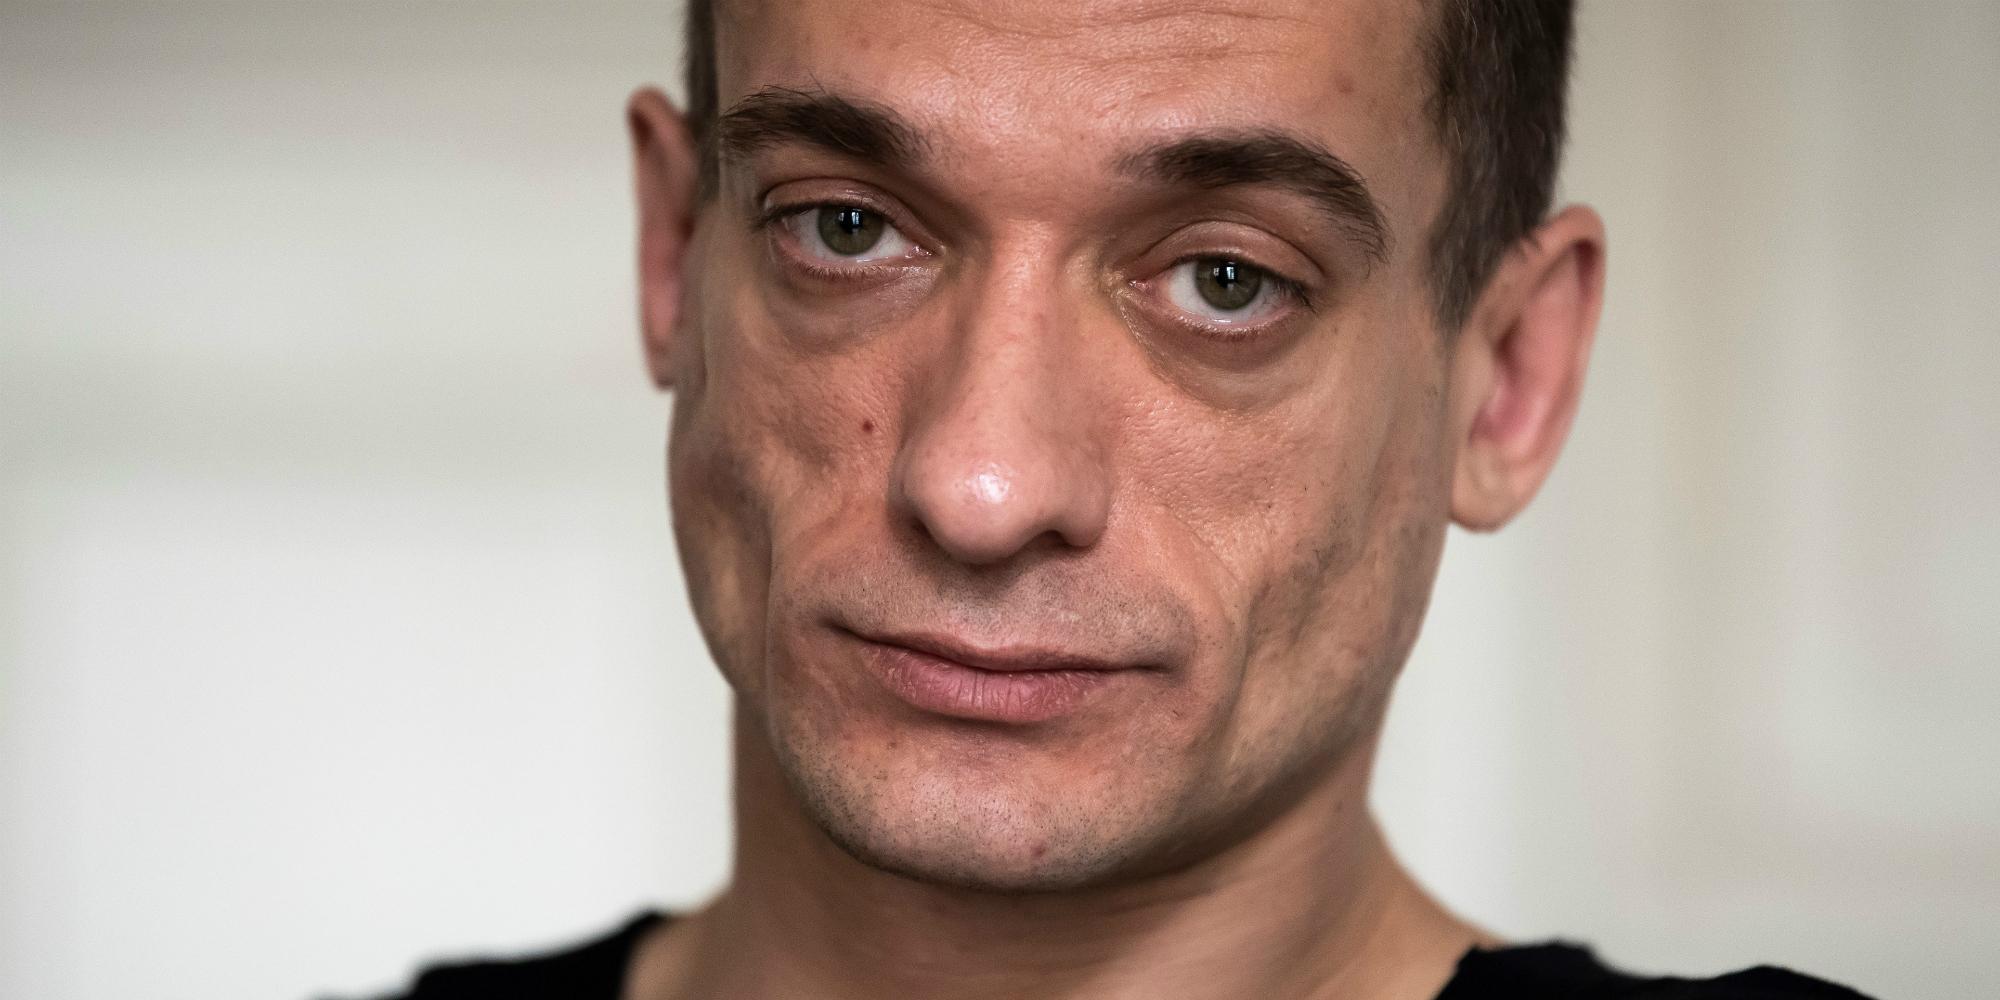 Dans le quartier parisien de la Mouzaïa, la vie de Piotr Pavlenski de squat en squat